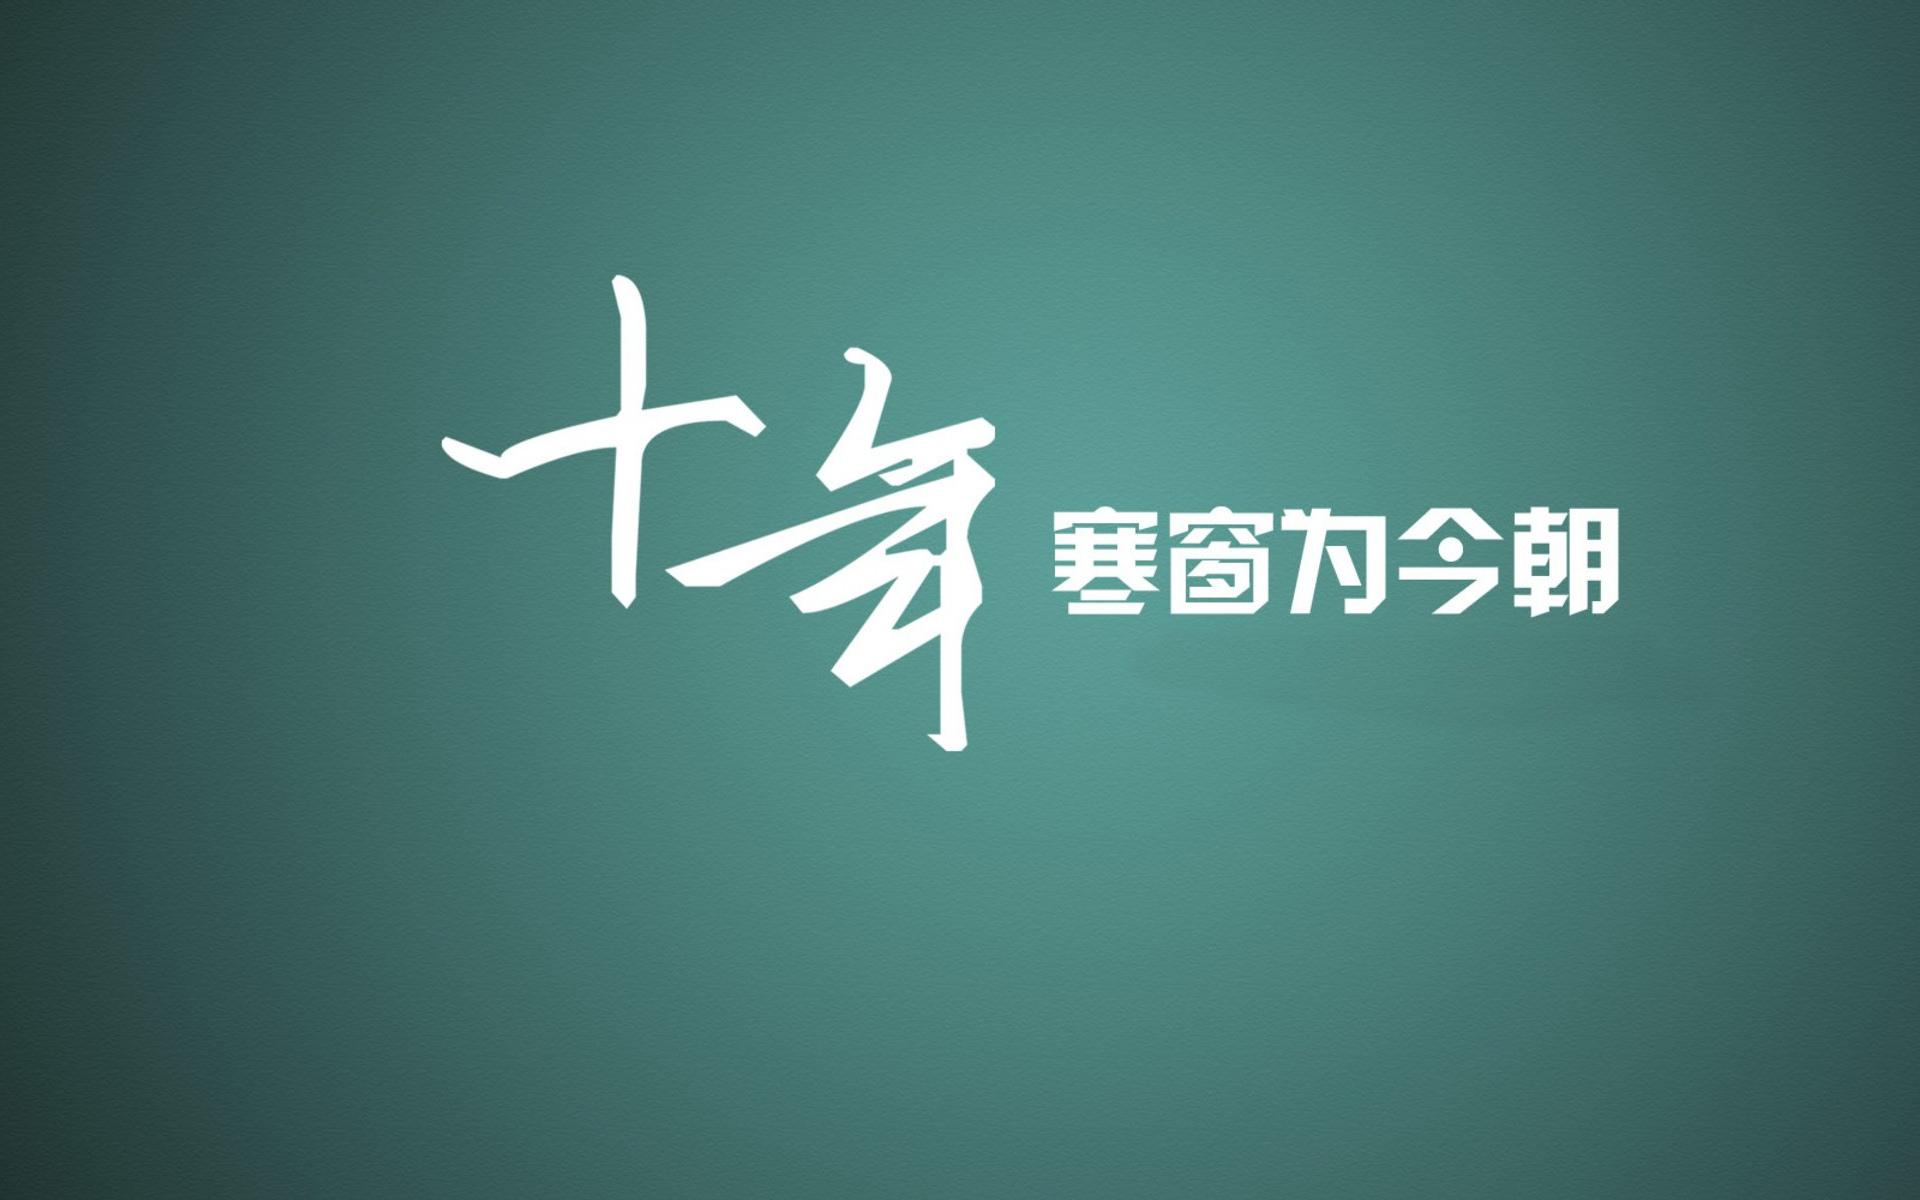 湖北省7月23日可查高考成绩